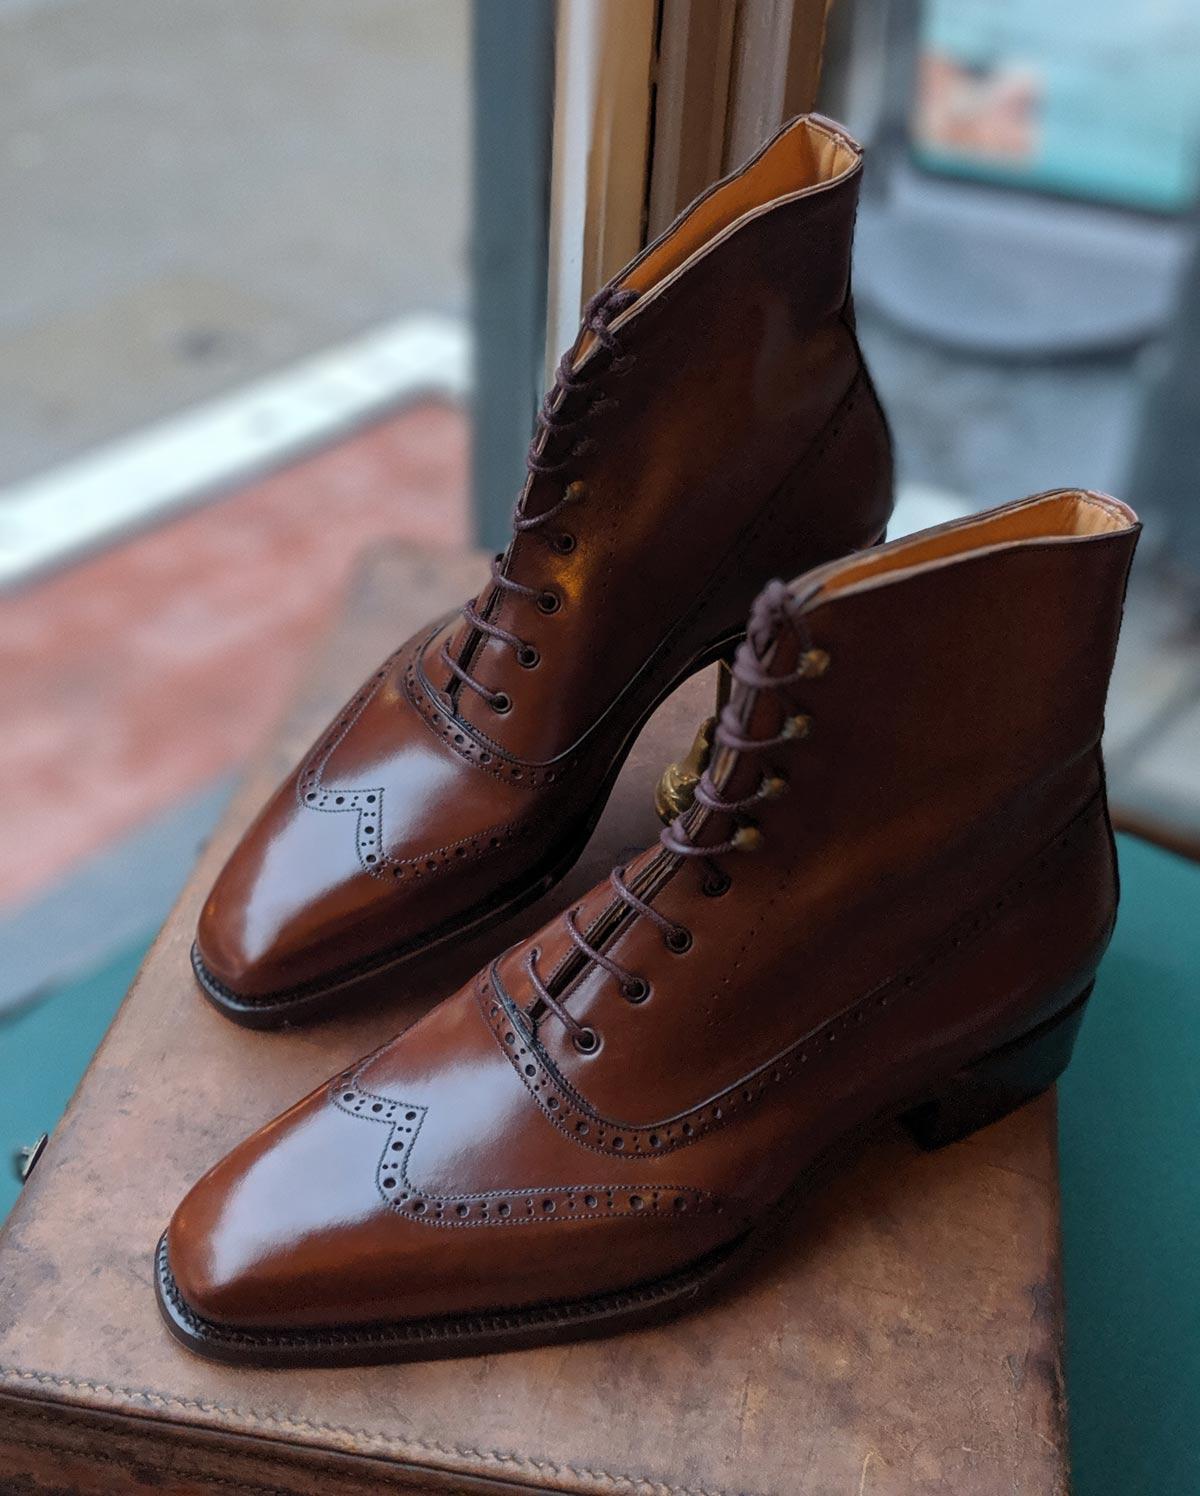 Vass Ascot Budapest High boots